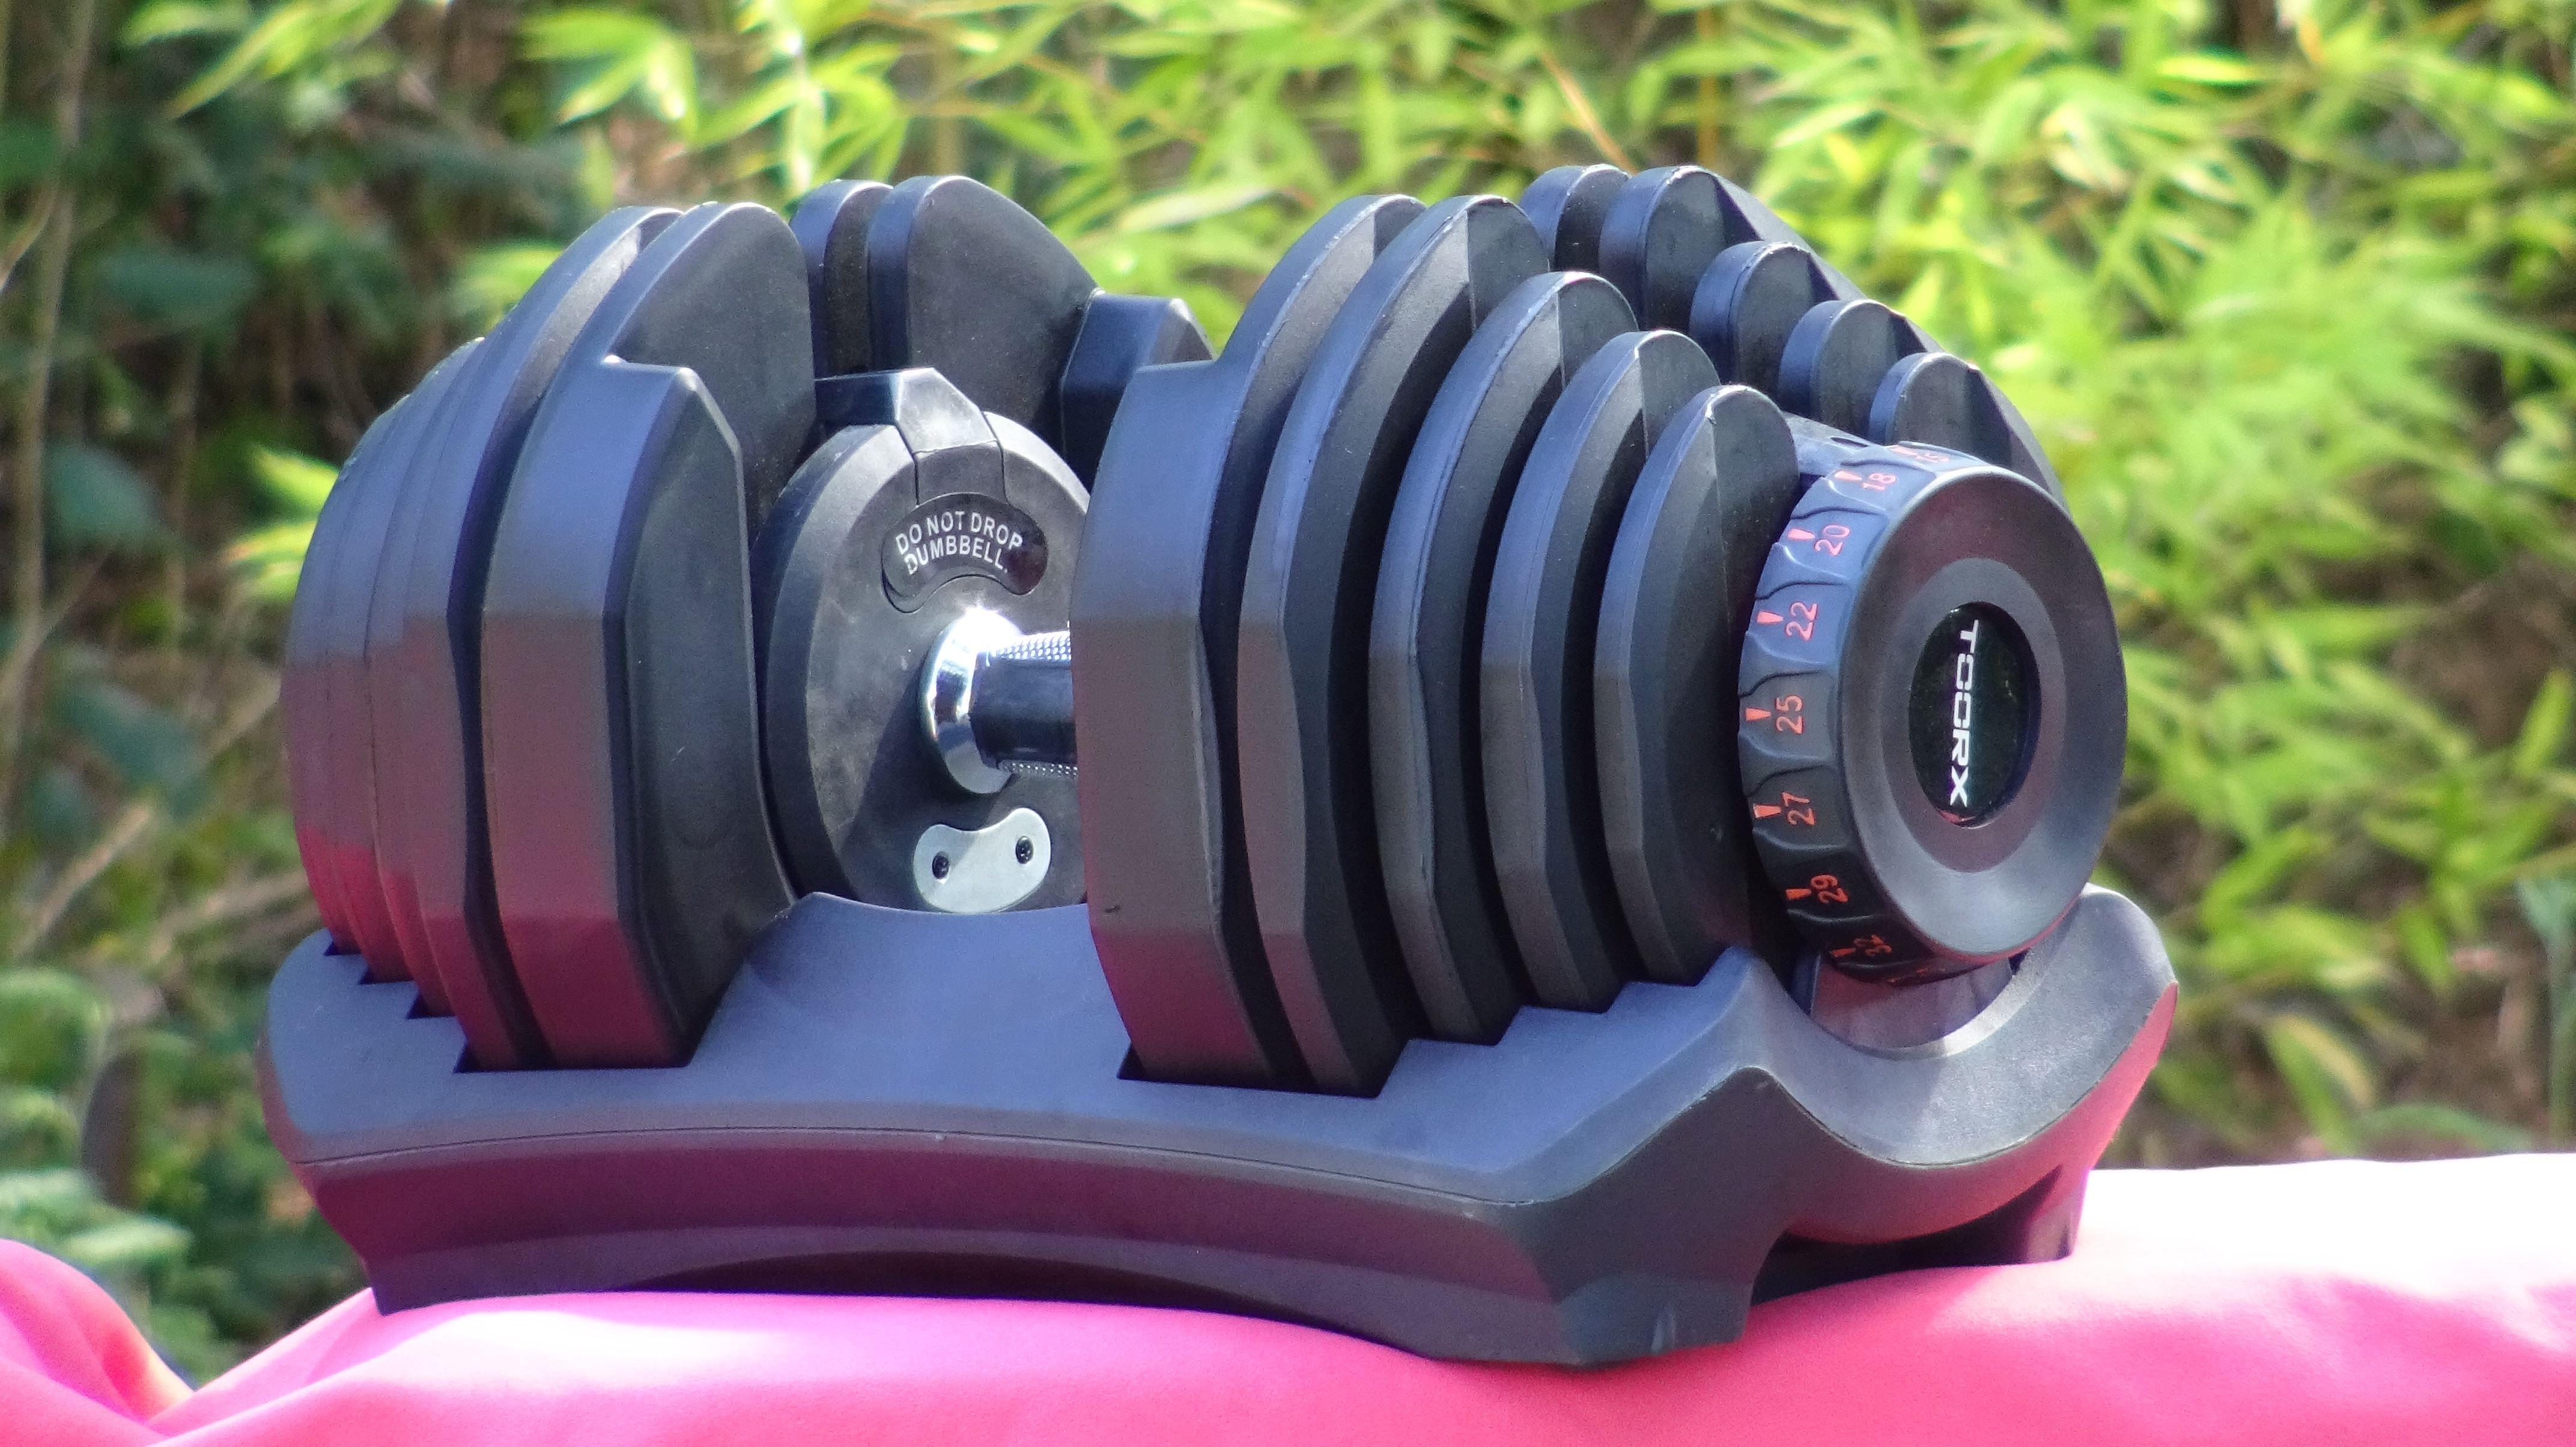 Comment débuter la musculation avec haltères chez soi?